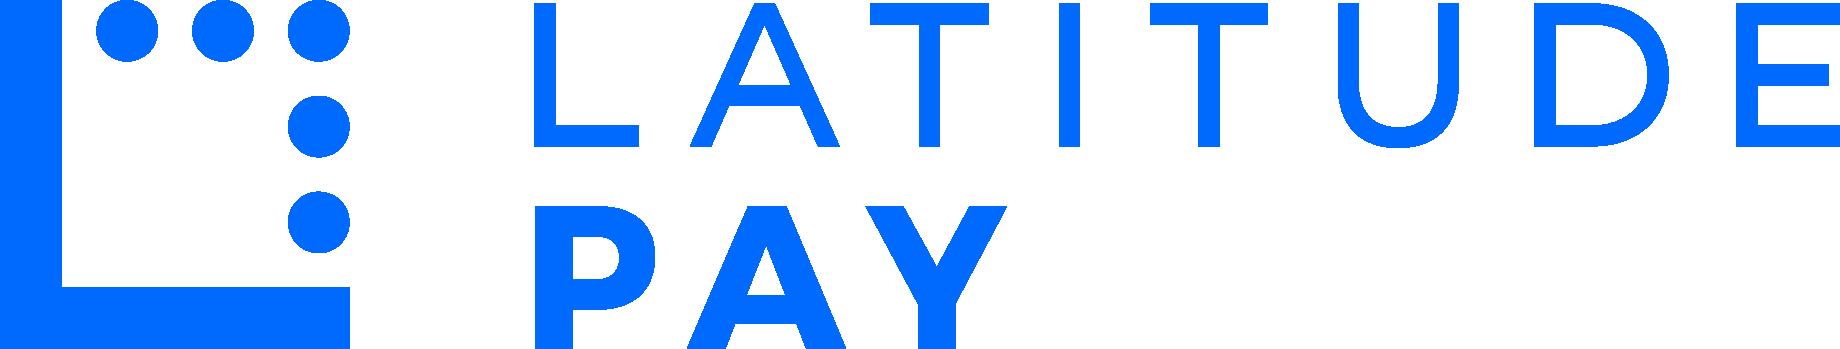 LatitudePay_Logo_Stacked_Blue_RGB